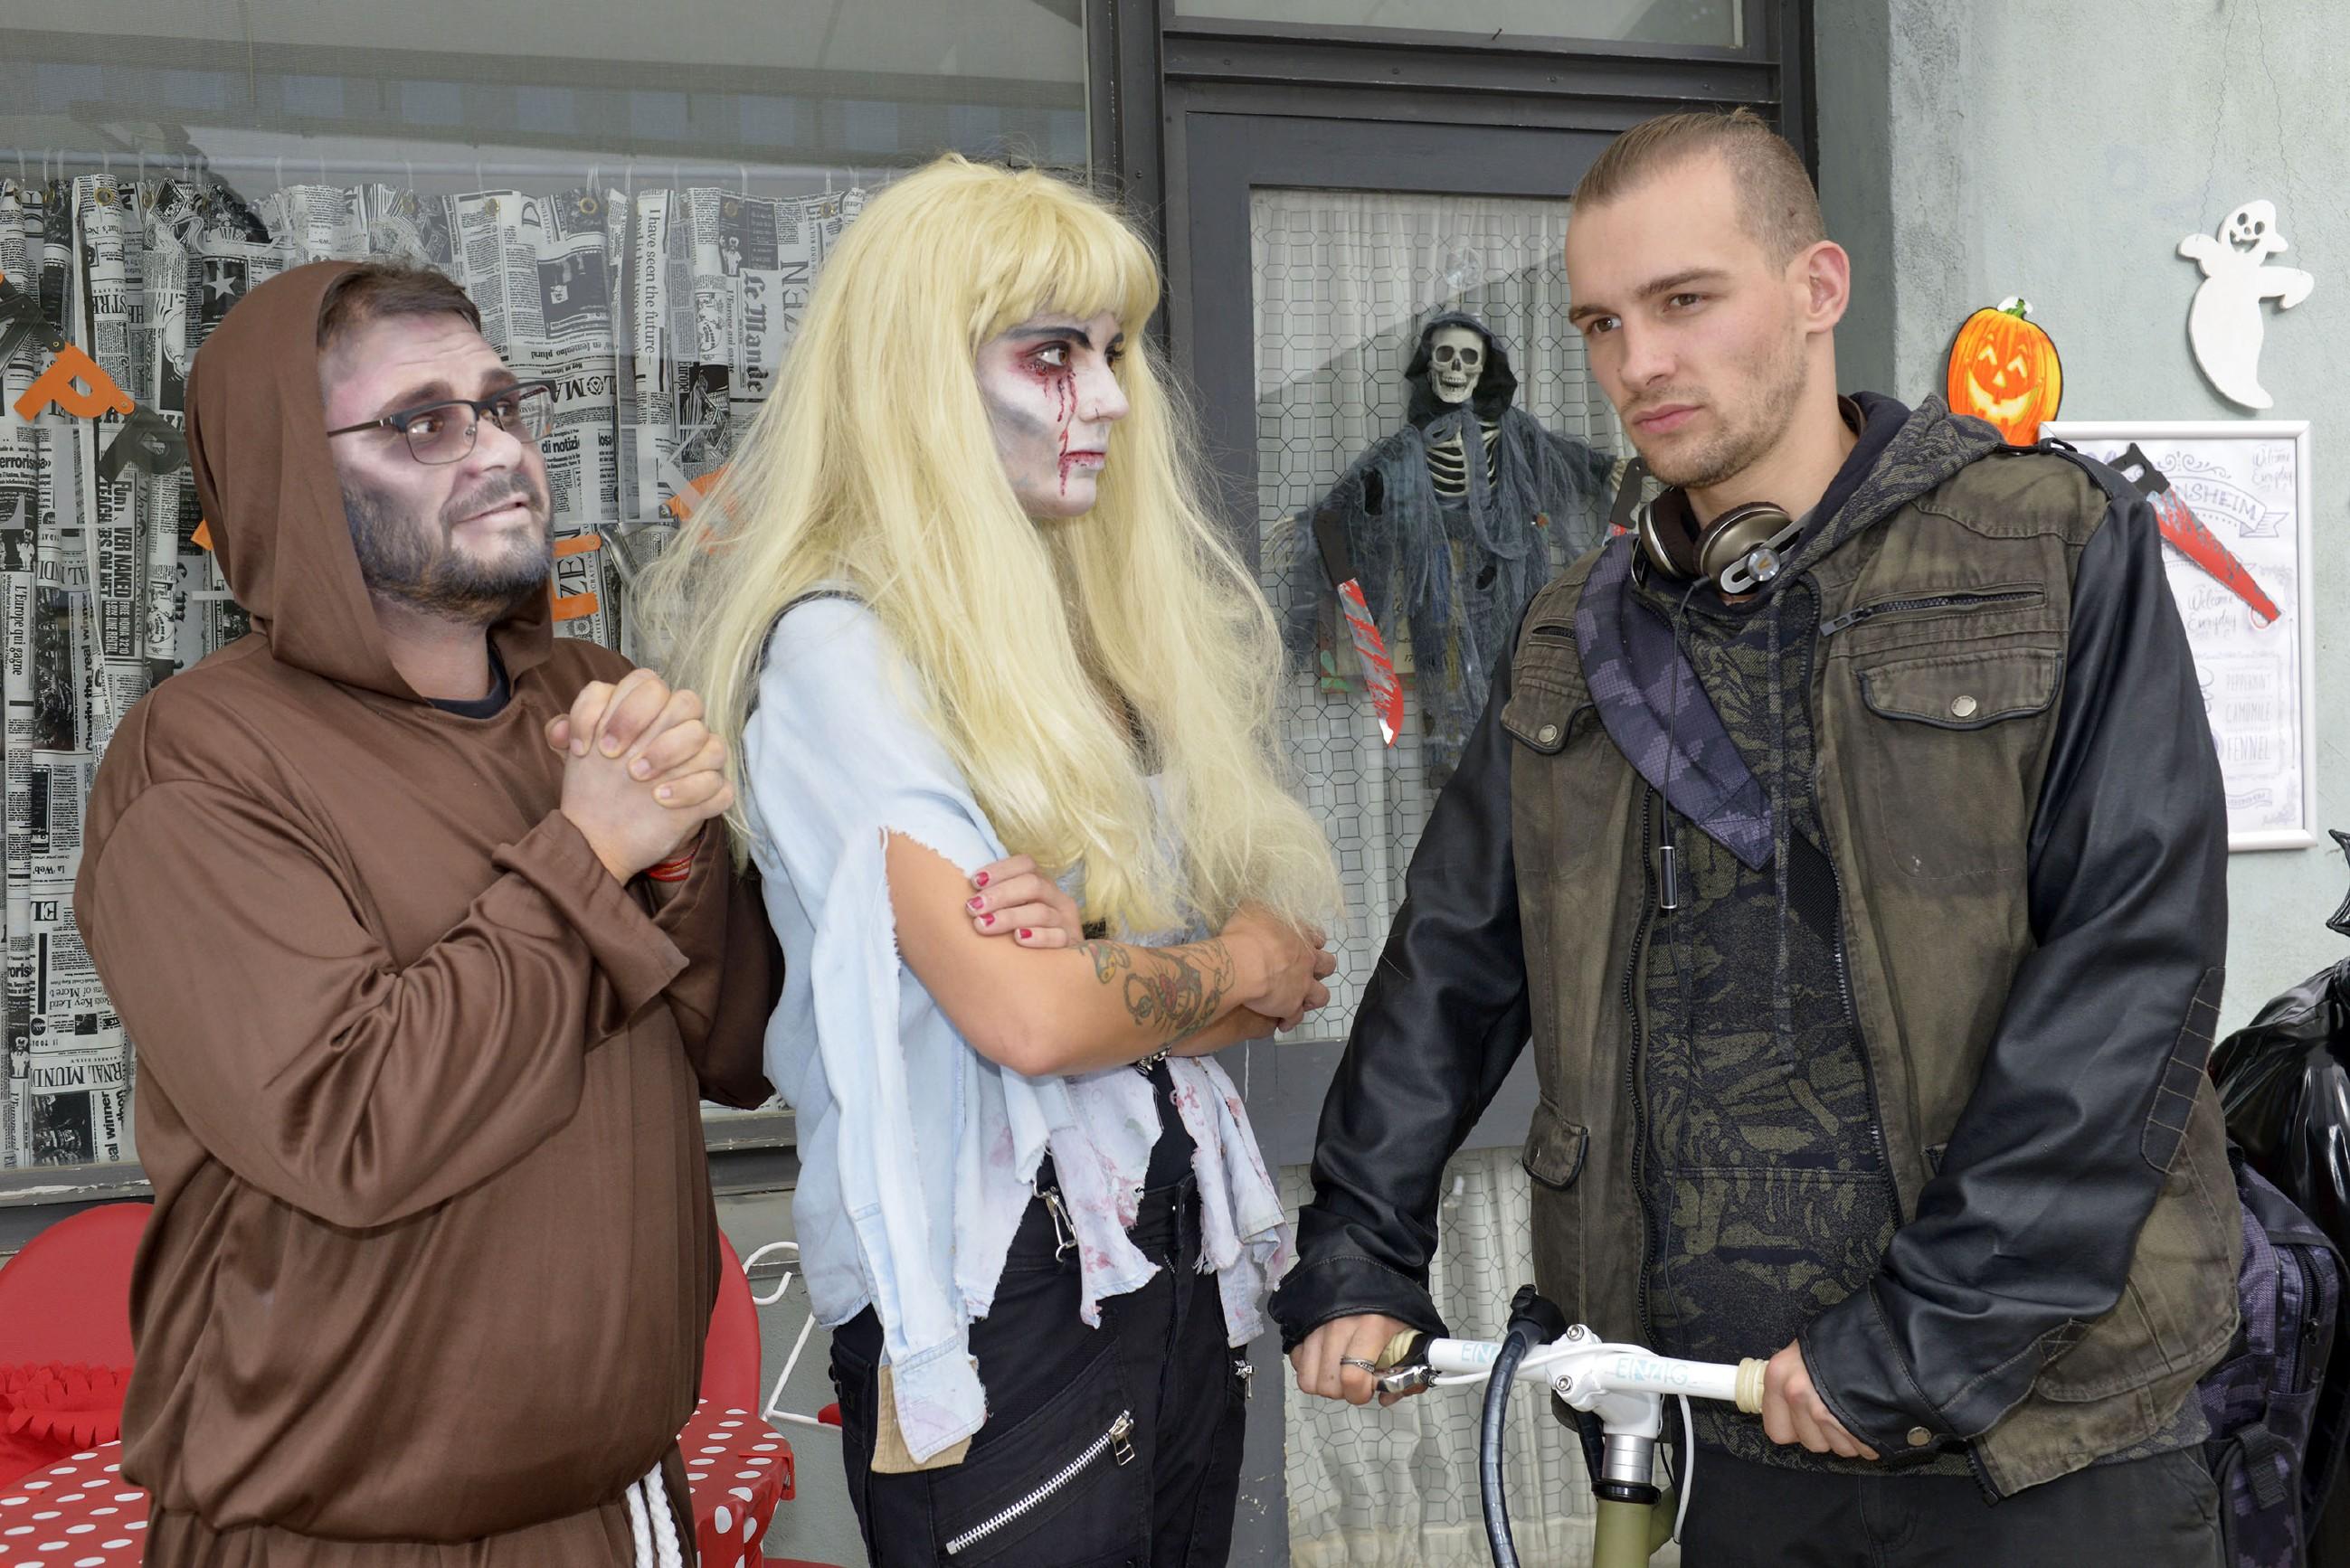 Auf dem Weg zu der Halloweenparty treffen Tuner (Thomas Drechsel, l.) und Anni (Linda Marlen Runge) auf Chris (Eric Stehfest), dem Anni ihre Beziehung zu seiner Mutter Rosa zu erklären versucht.